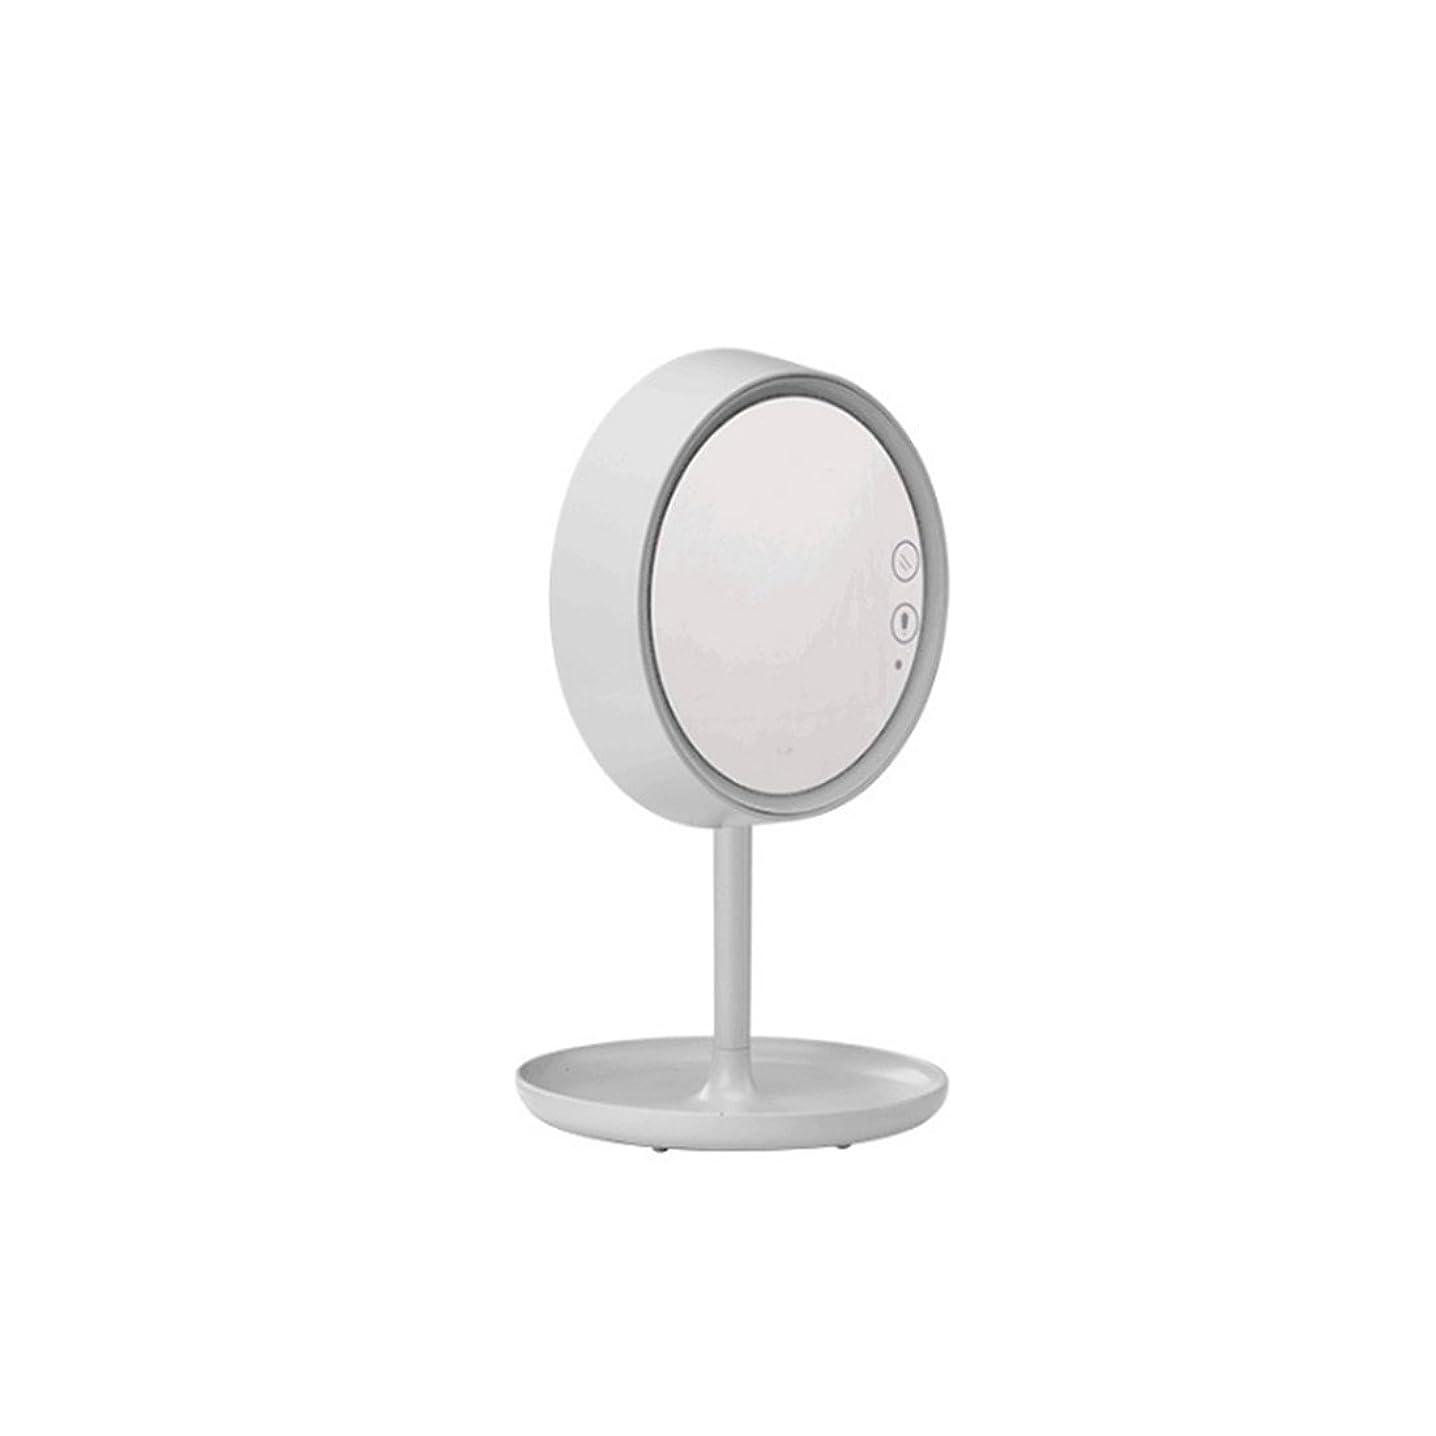 ちょうつがいエスニック脚本Amaiai LEDリング化粧鏡 ランプ 誕生日ギフト ガールフレンドギフト 収納付き (色 : ホワイト)